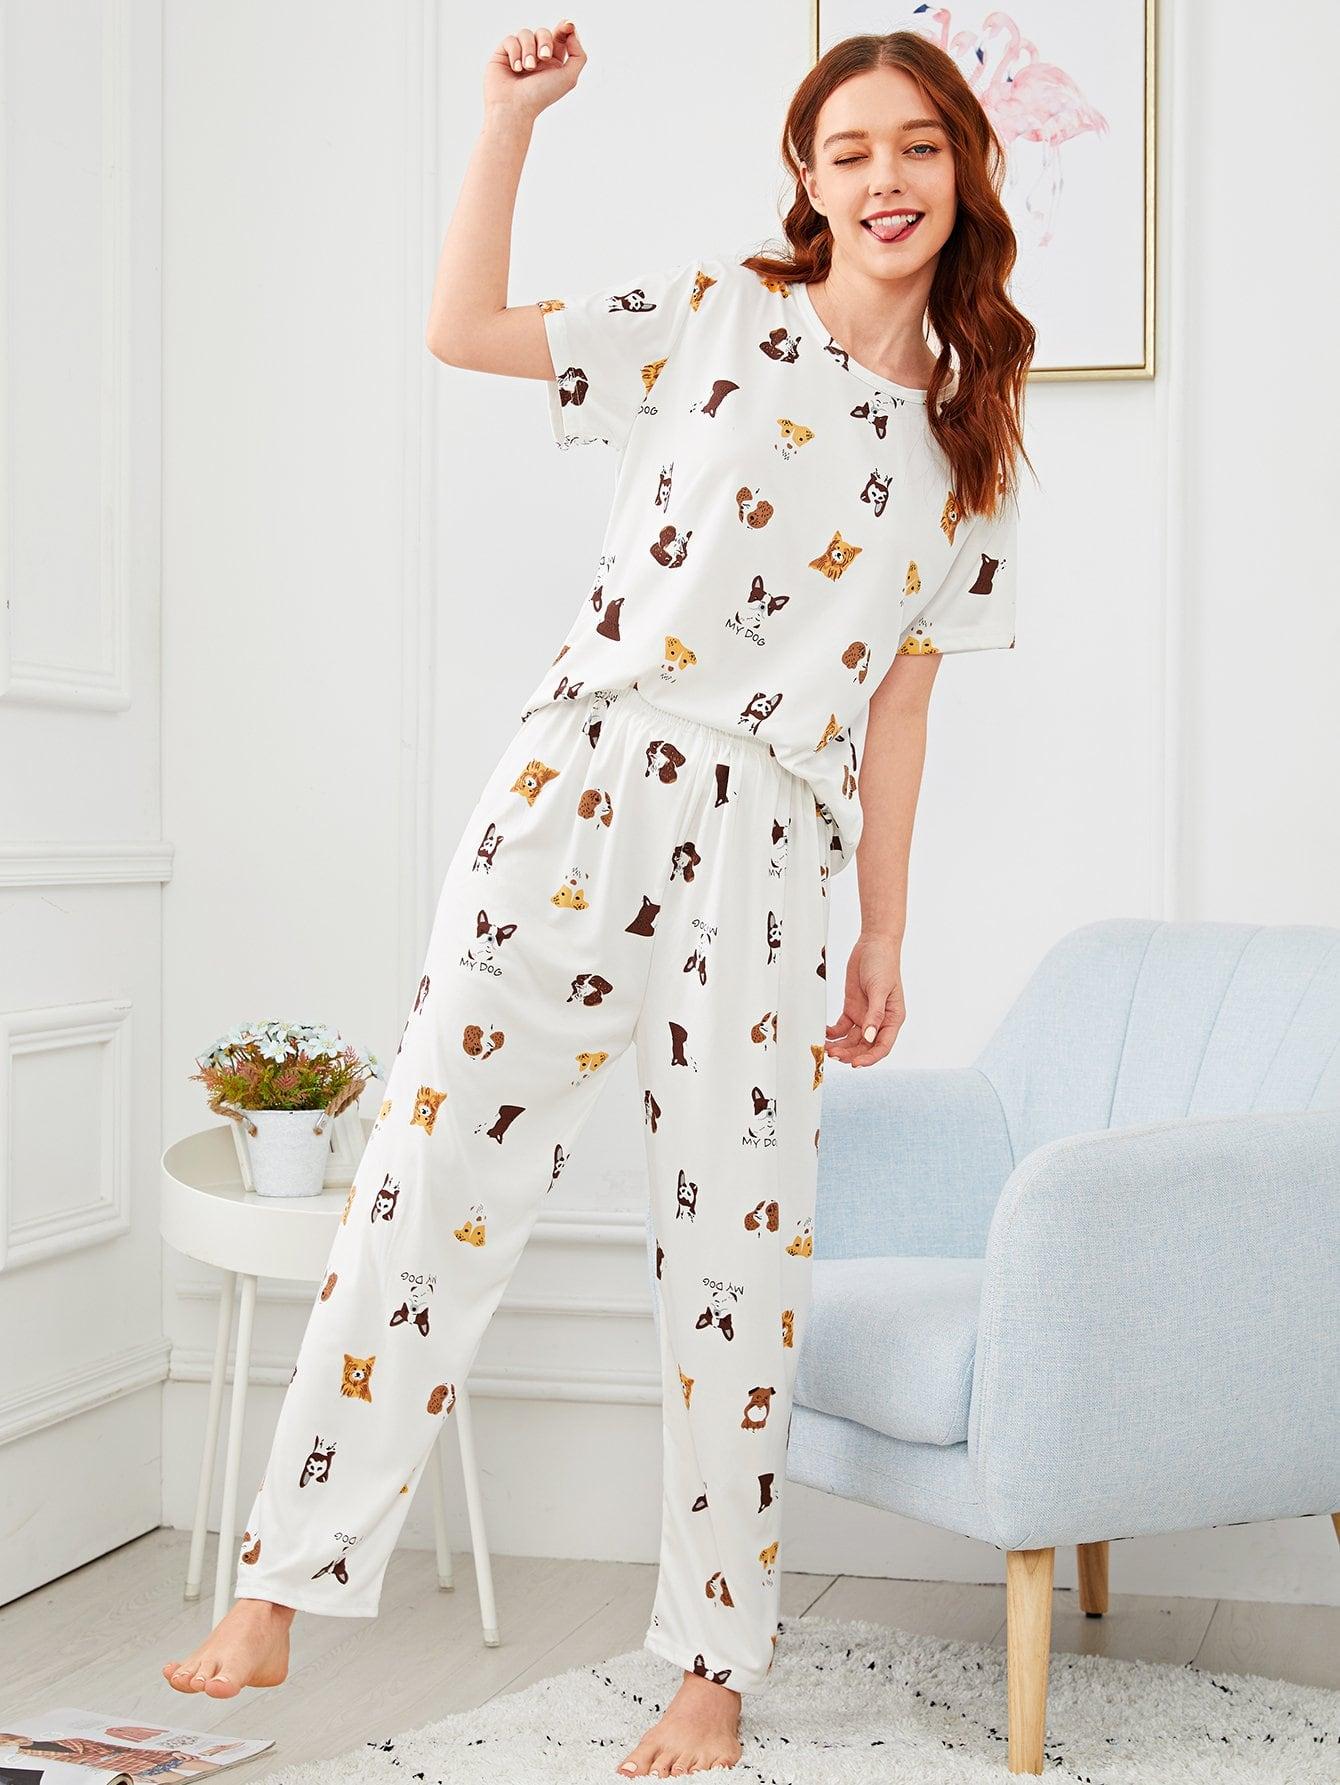 пижамные принты фото пролитая пол